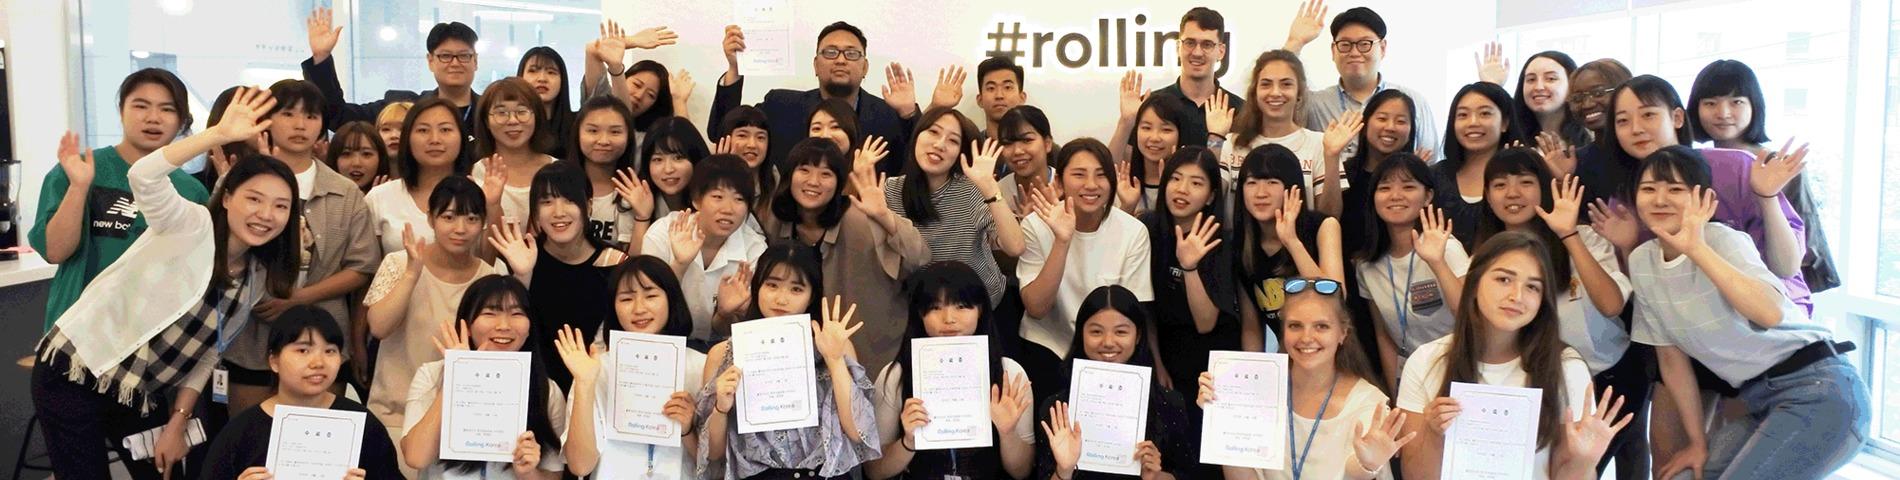 1 фотографий Rolling Korea